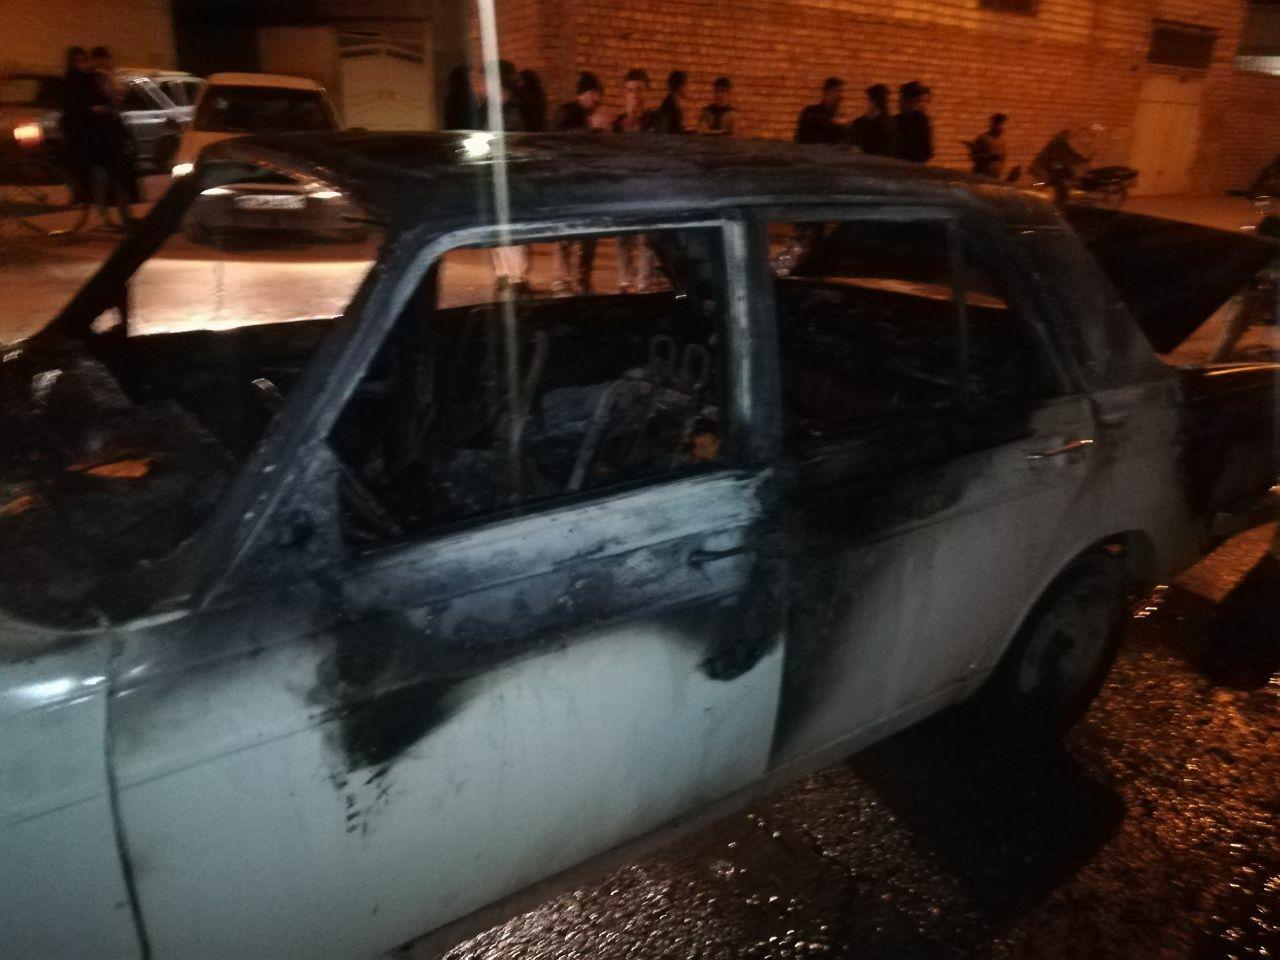 کودک ۲ساله قربانی سوخت گیری غیر مجاز در دولت آباد شد